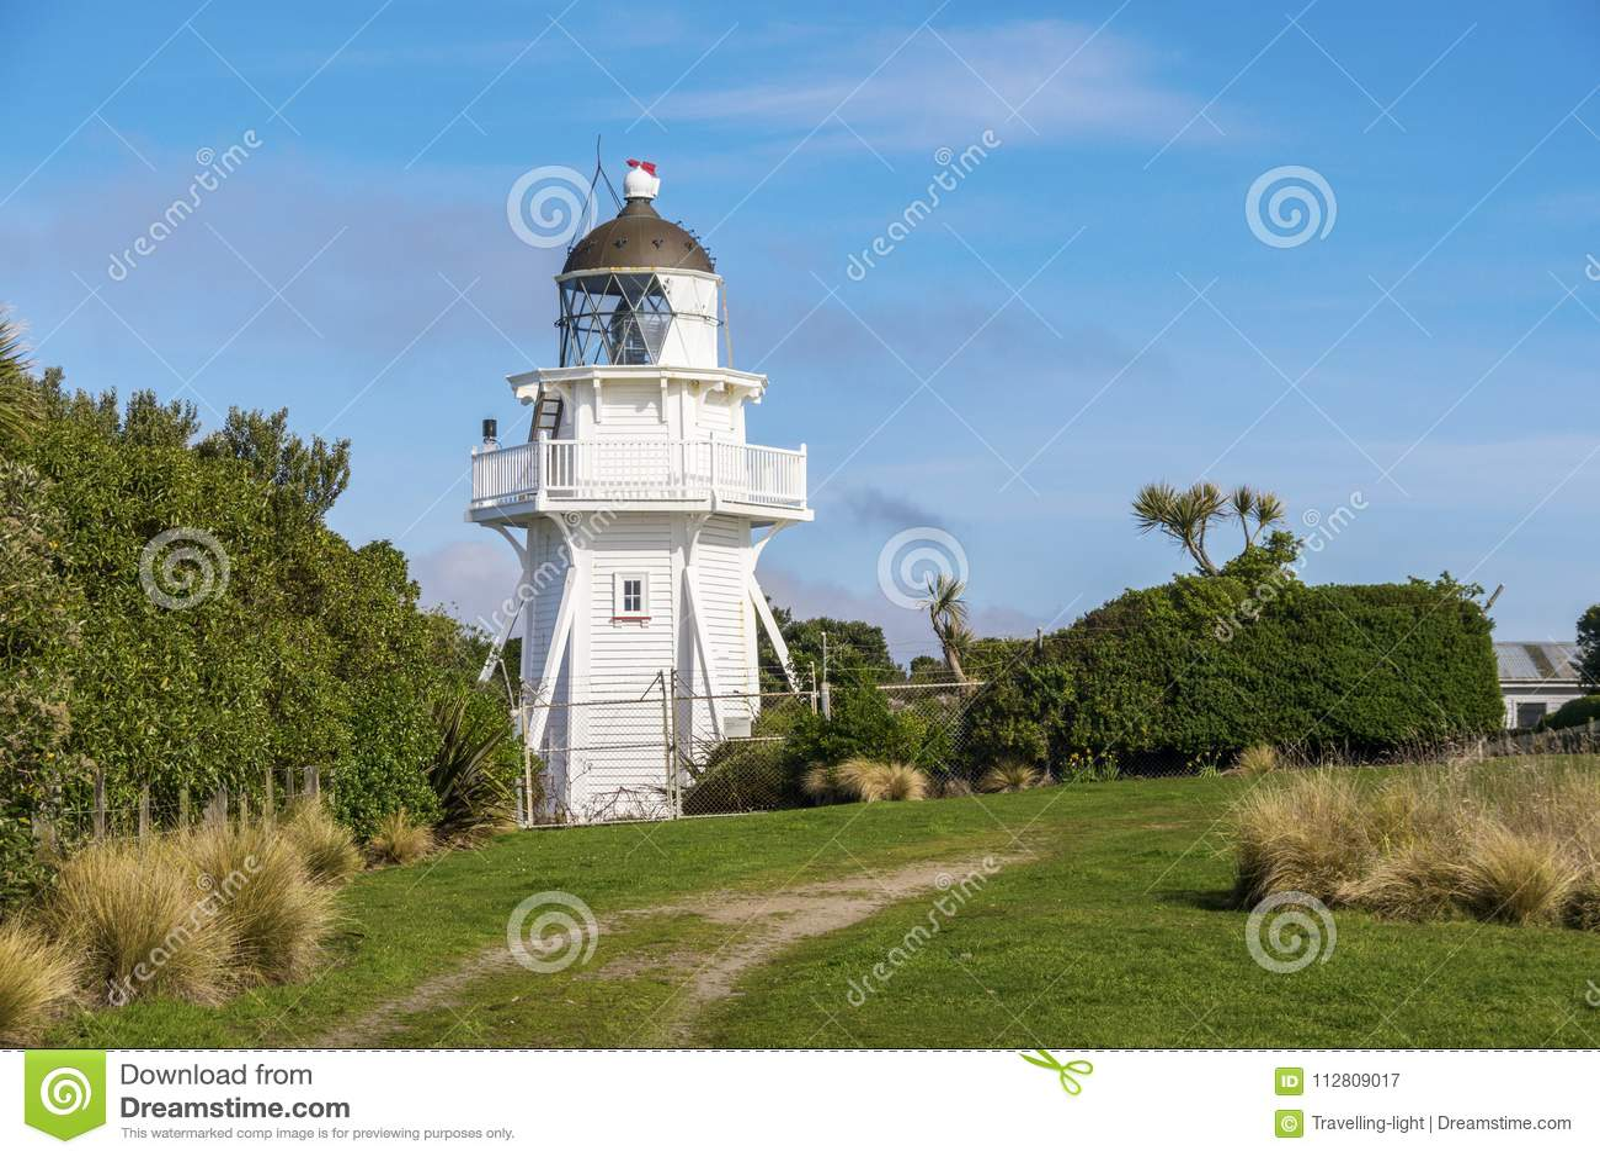 New Zealand Lighthouse